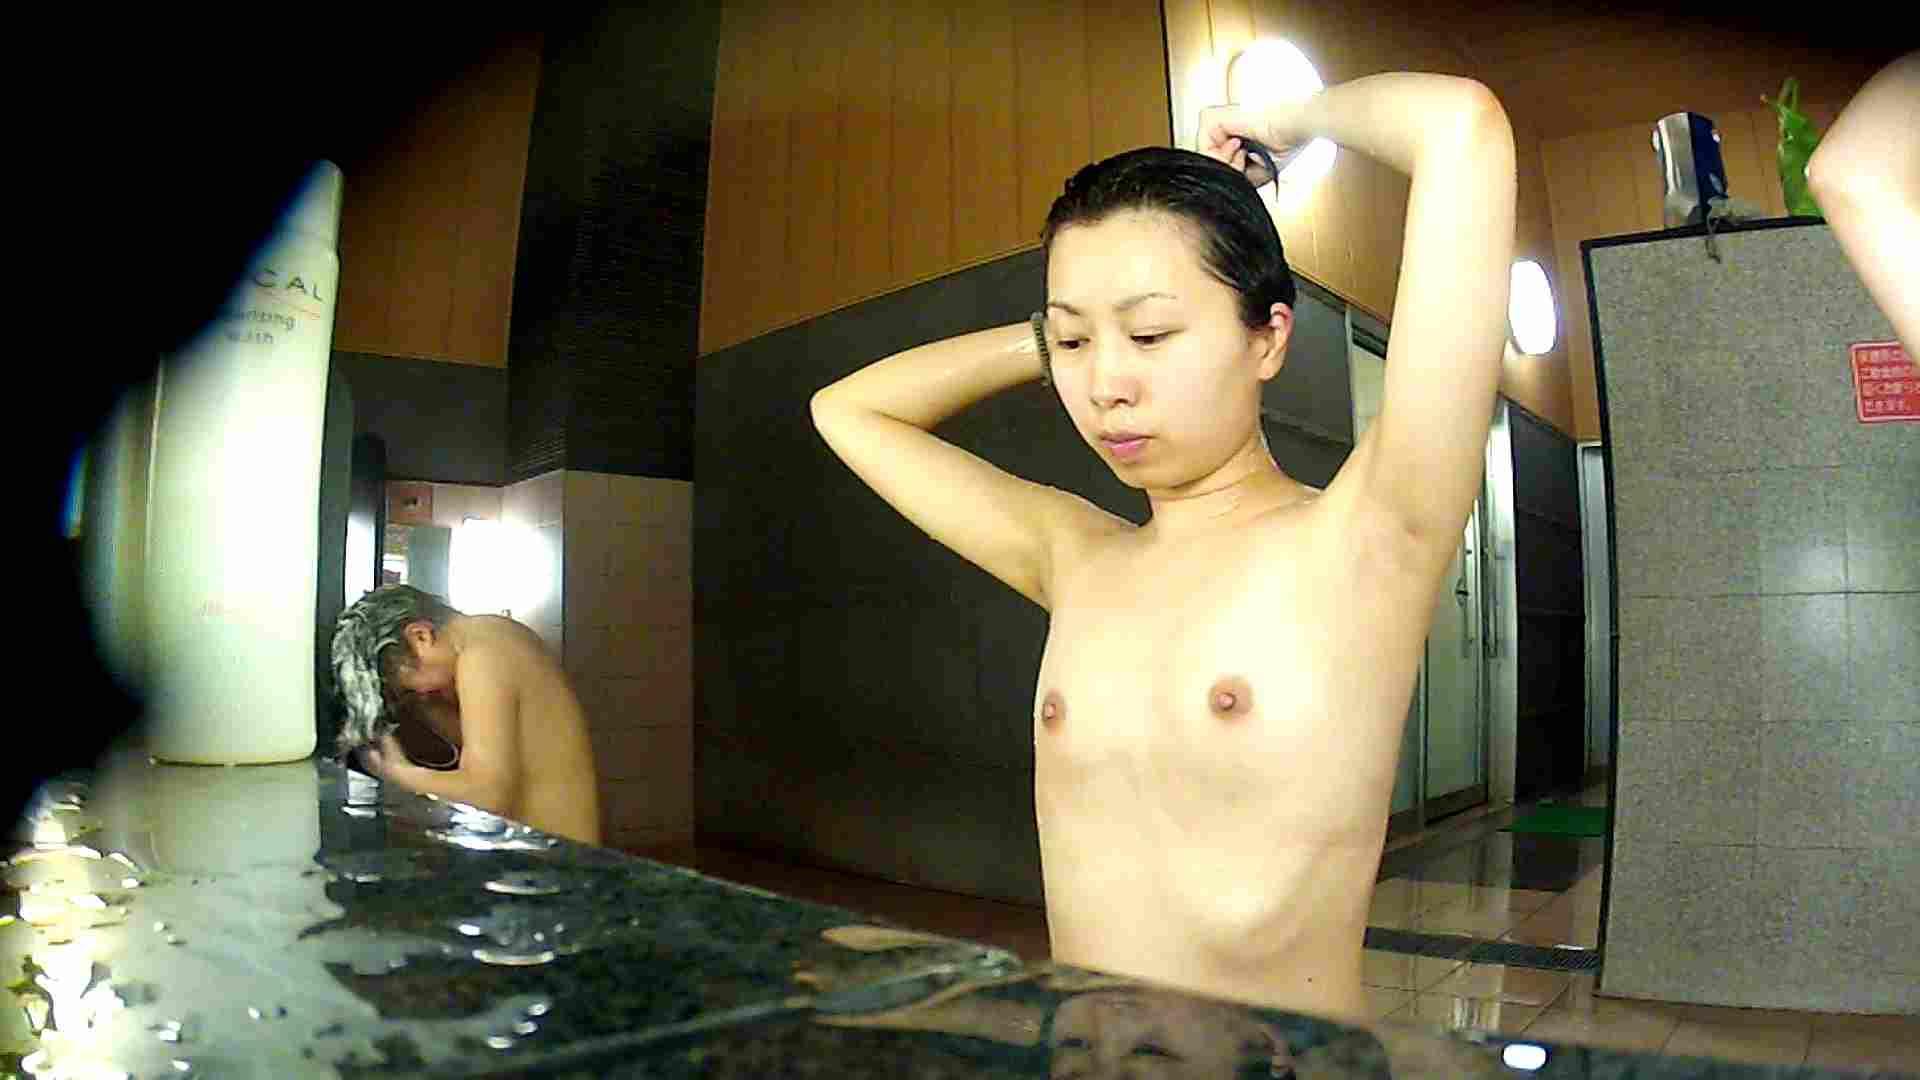 洗い場!前半のモヤを吹き飛ばす美貧乳お嬢さん 細身女性 スケベ動画紹介 104画像 11